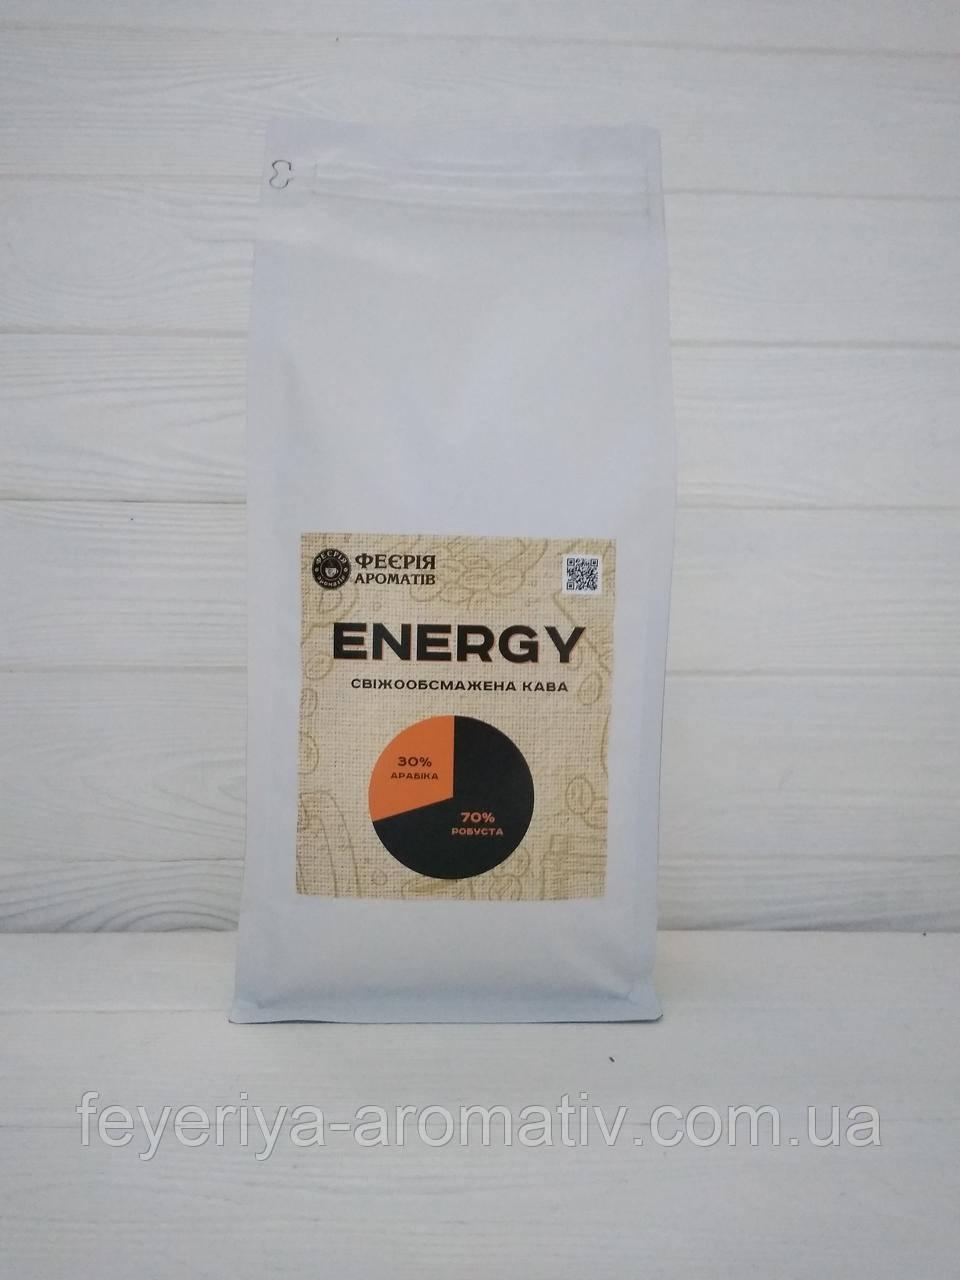 Свежеобжаренный кофе в зернах Energy 30/70 1кг